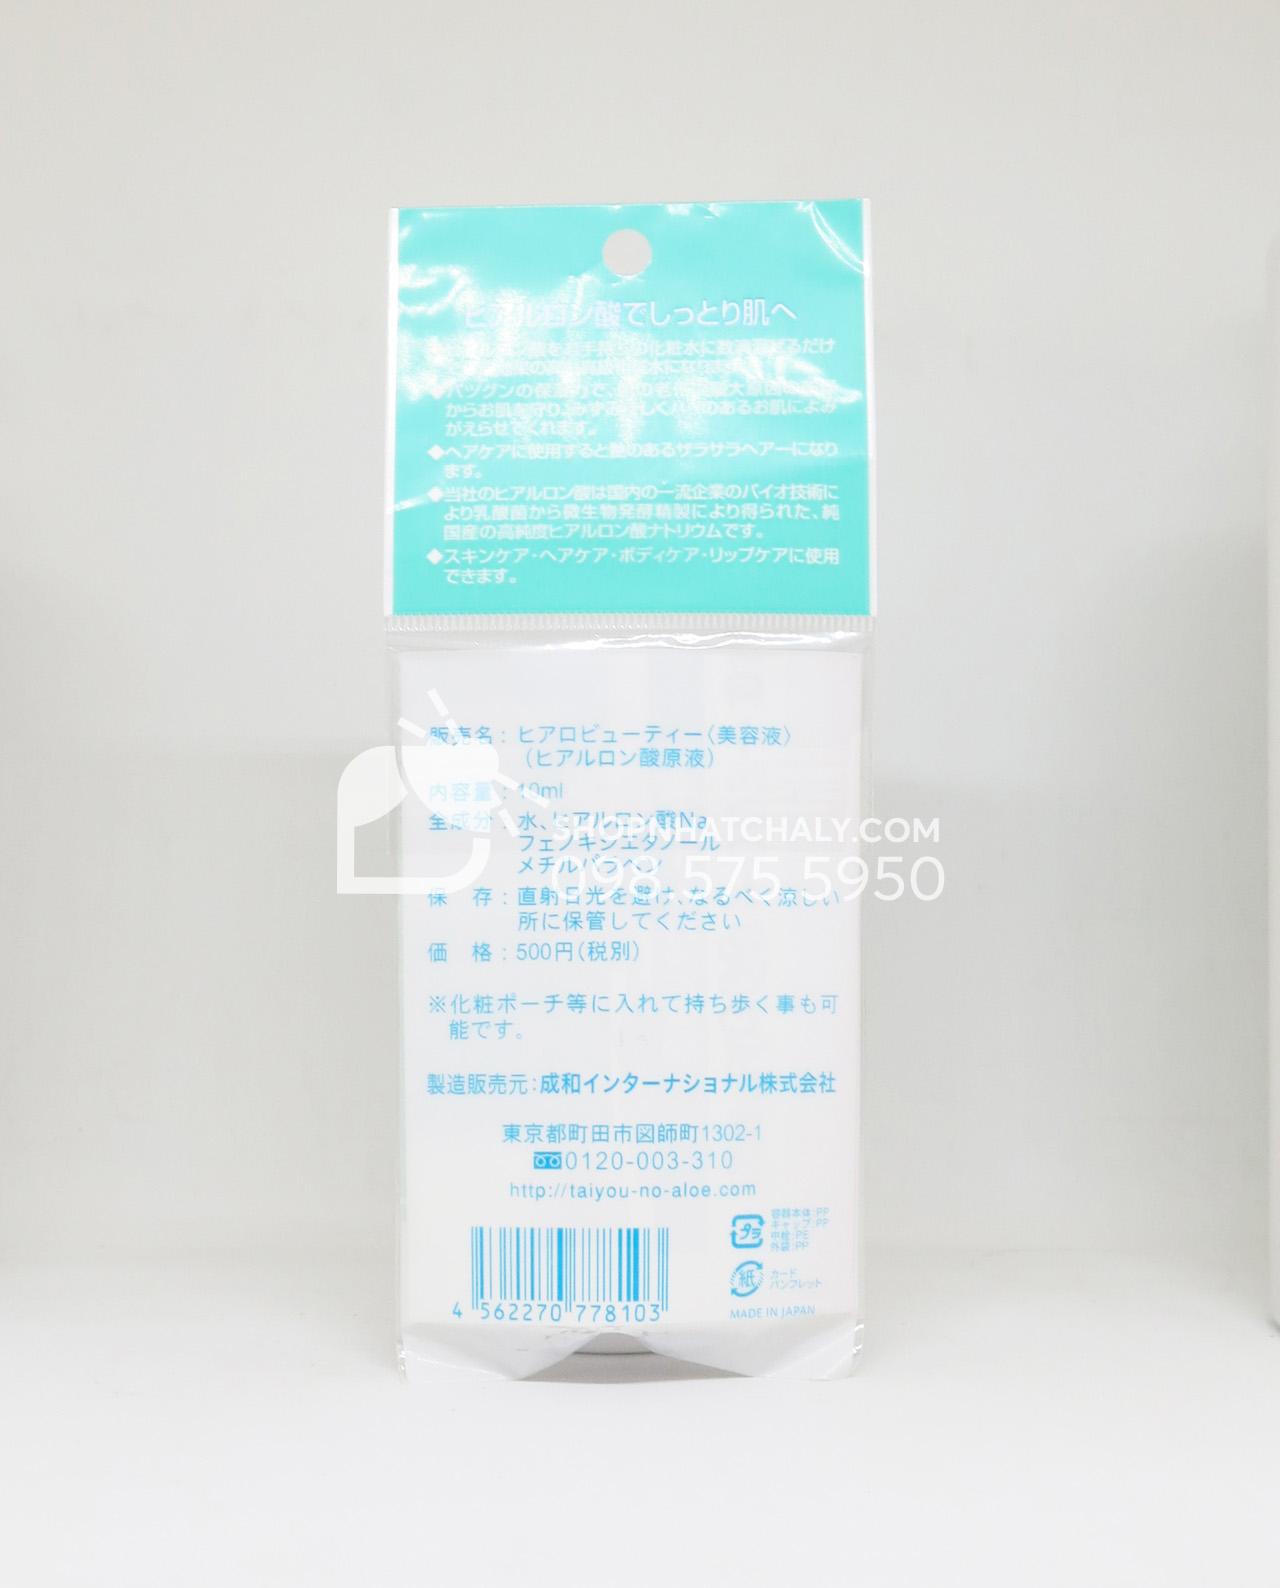 Serum cấp ẩm cho da Hyaluronic Taiyou No Aloe Nhật Bản - thông tin sản phẩm